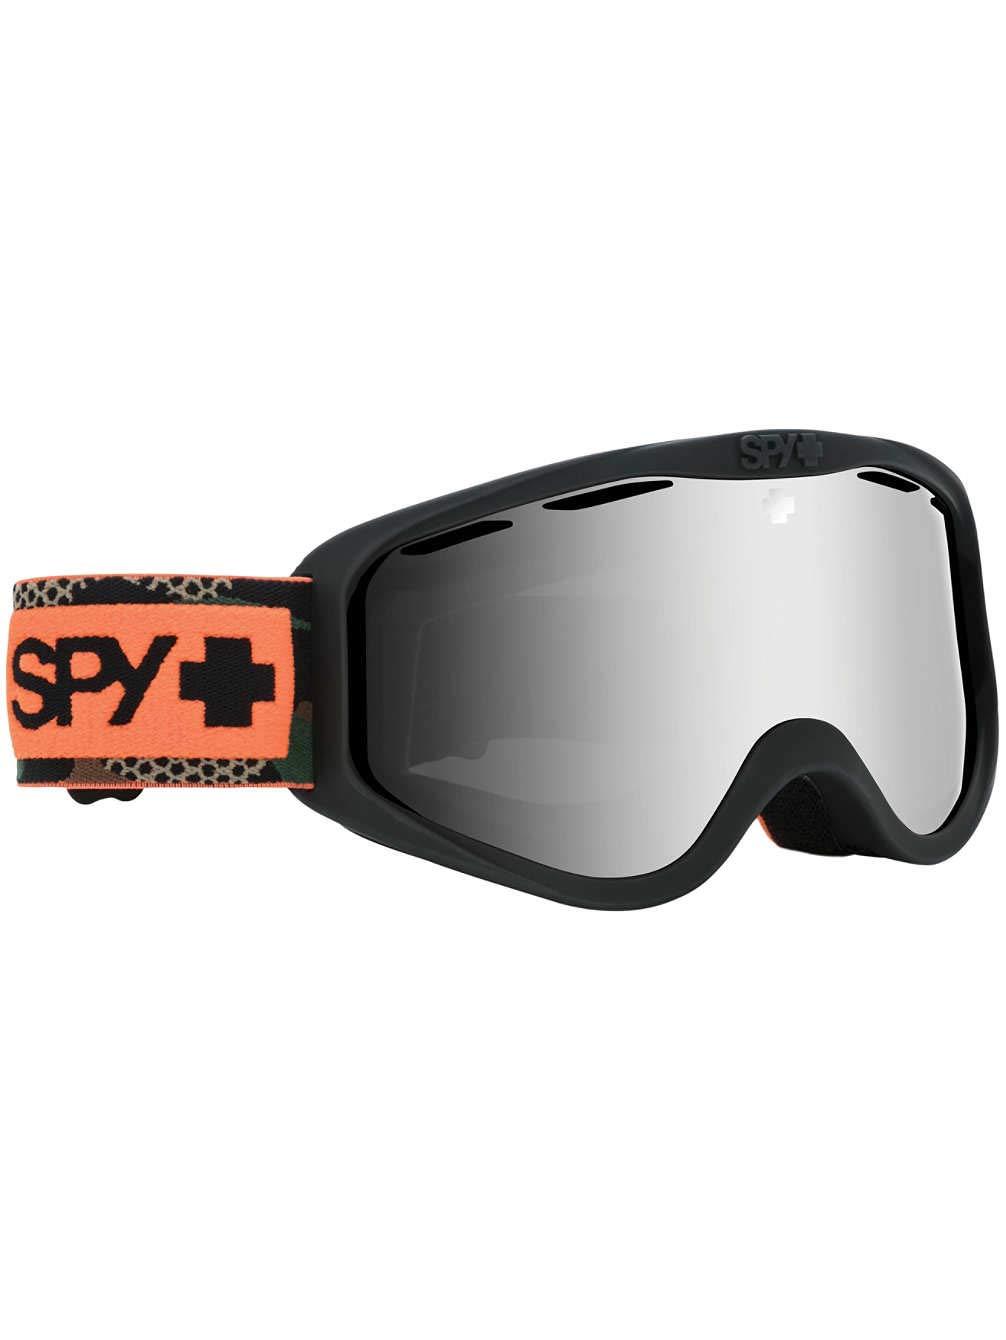 Spy Optic Cadet anteojos de Nieve | Pequeños - Gafas de ...